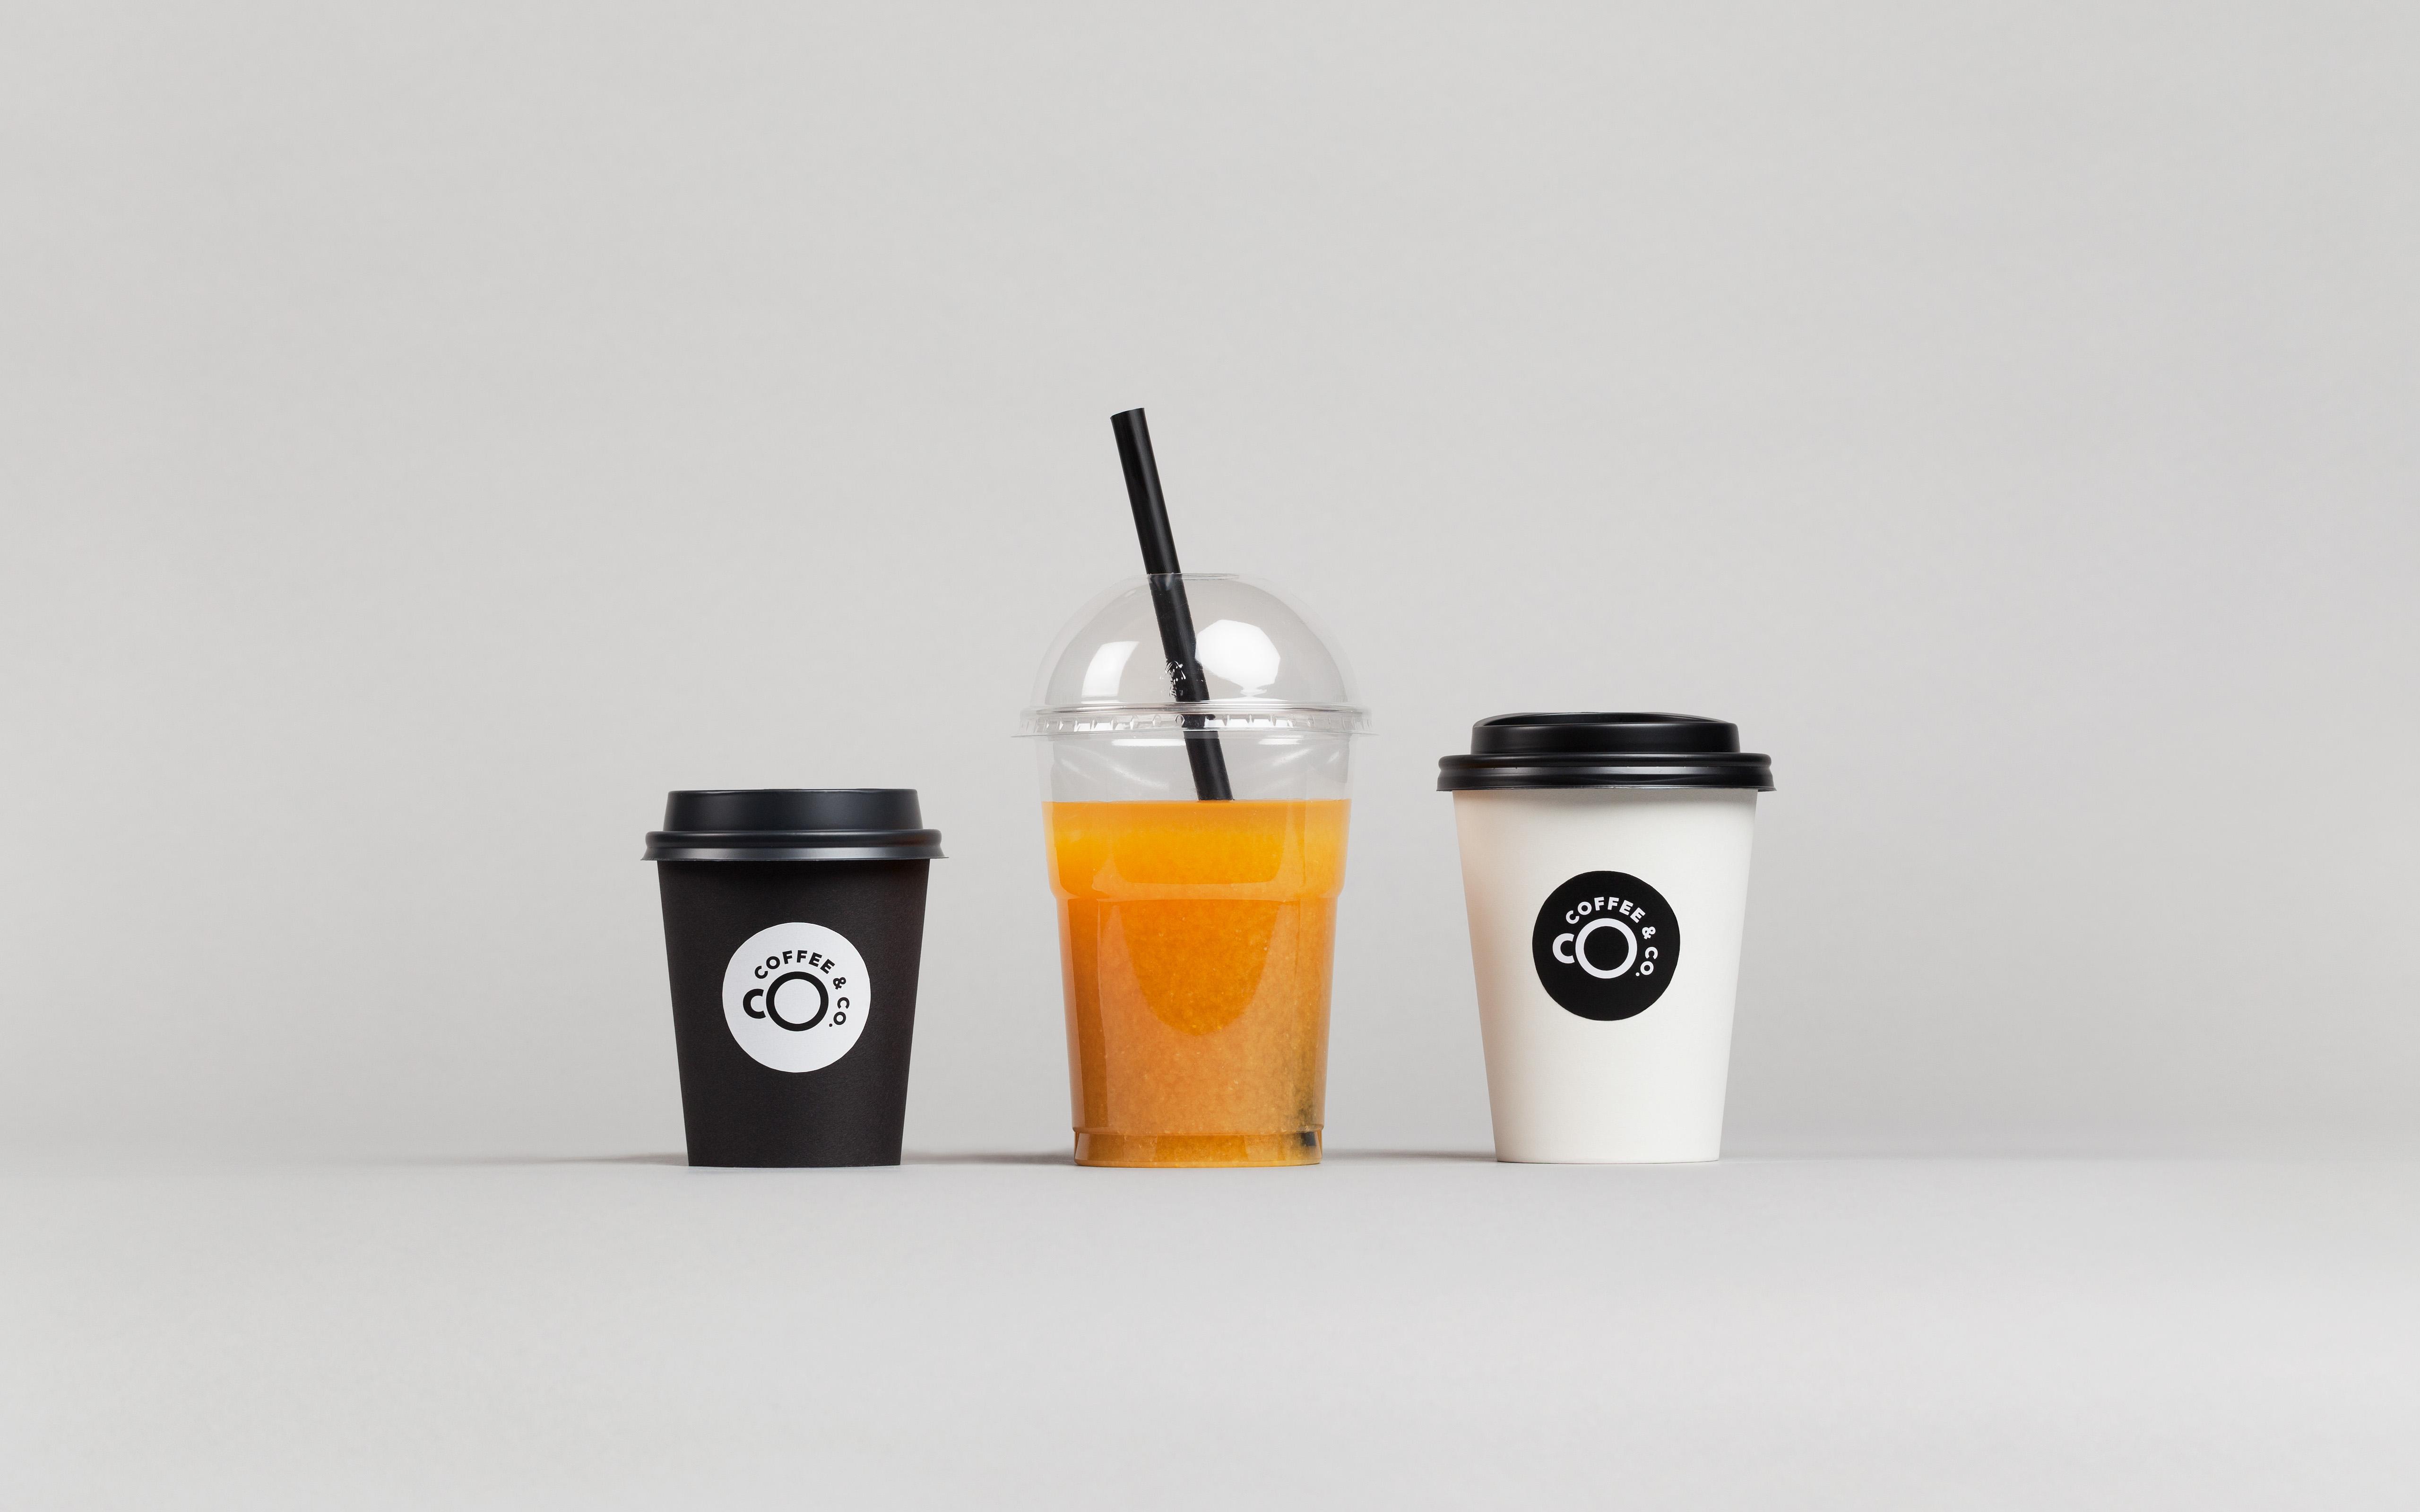 coffee-co_7